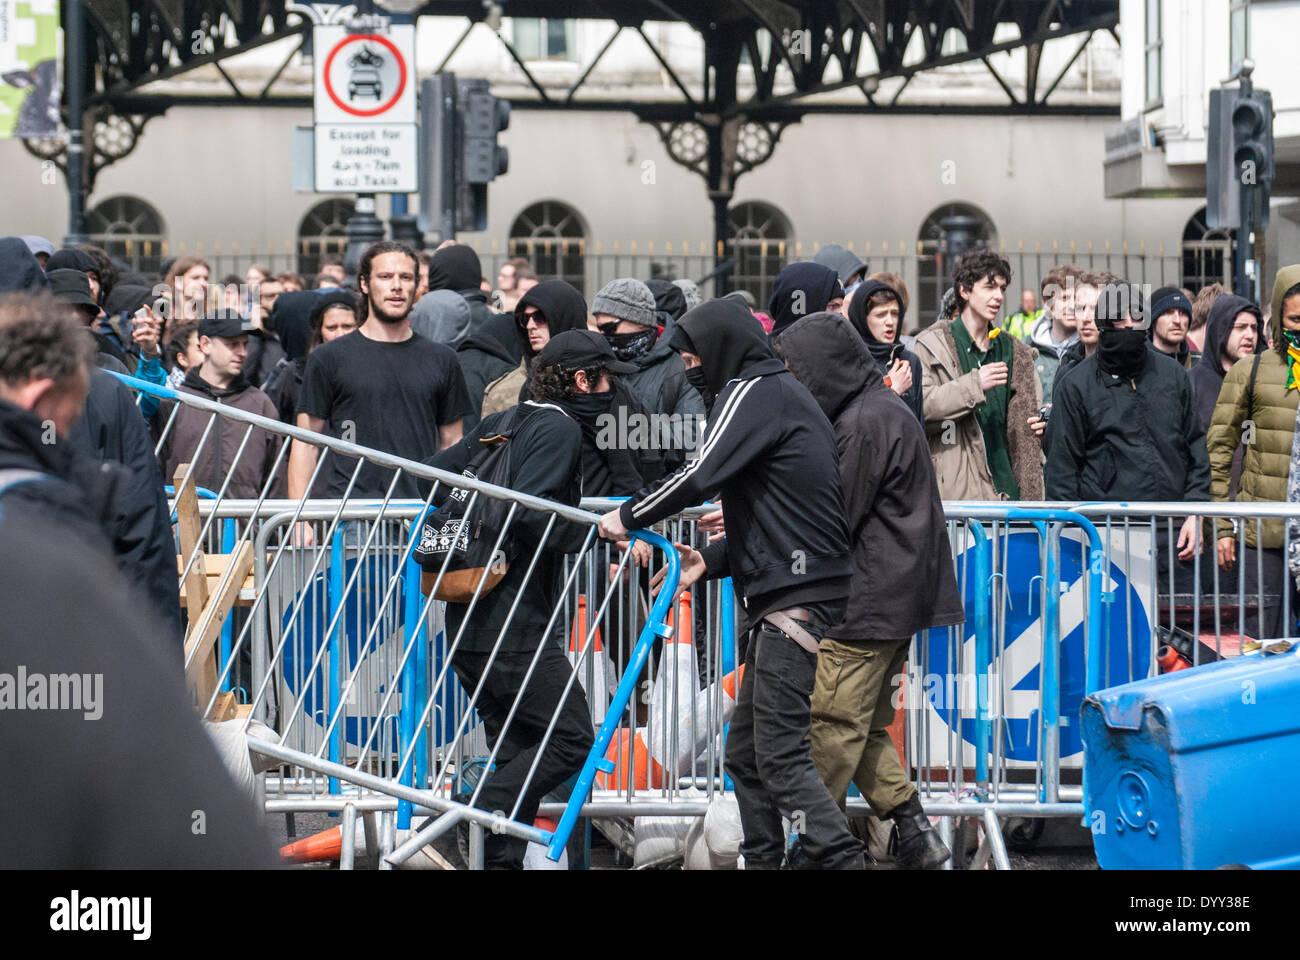 Brighton, Reino Unido. 27 abr, 2014. Contra-manifestantes anti-fascistas y formar barricadas durante las batallas campales como escolta policial de marzo para Inglaterra partidarios de la estación de tren después de la manifestación anual a lo largo de la orilla del mar en Brighton, Reino Unido. Crédito: Peter Manning/Alamy Live News Foto de stock